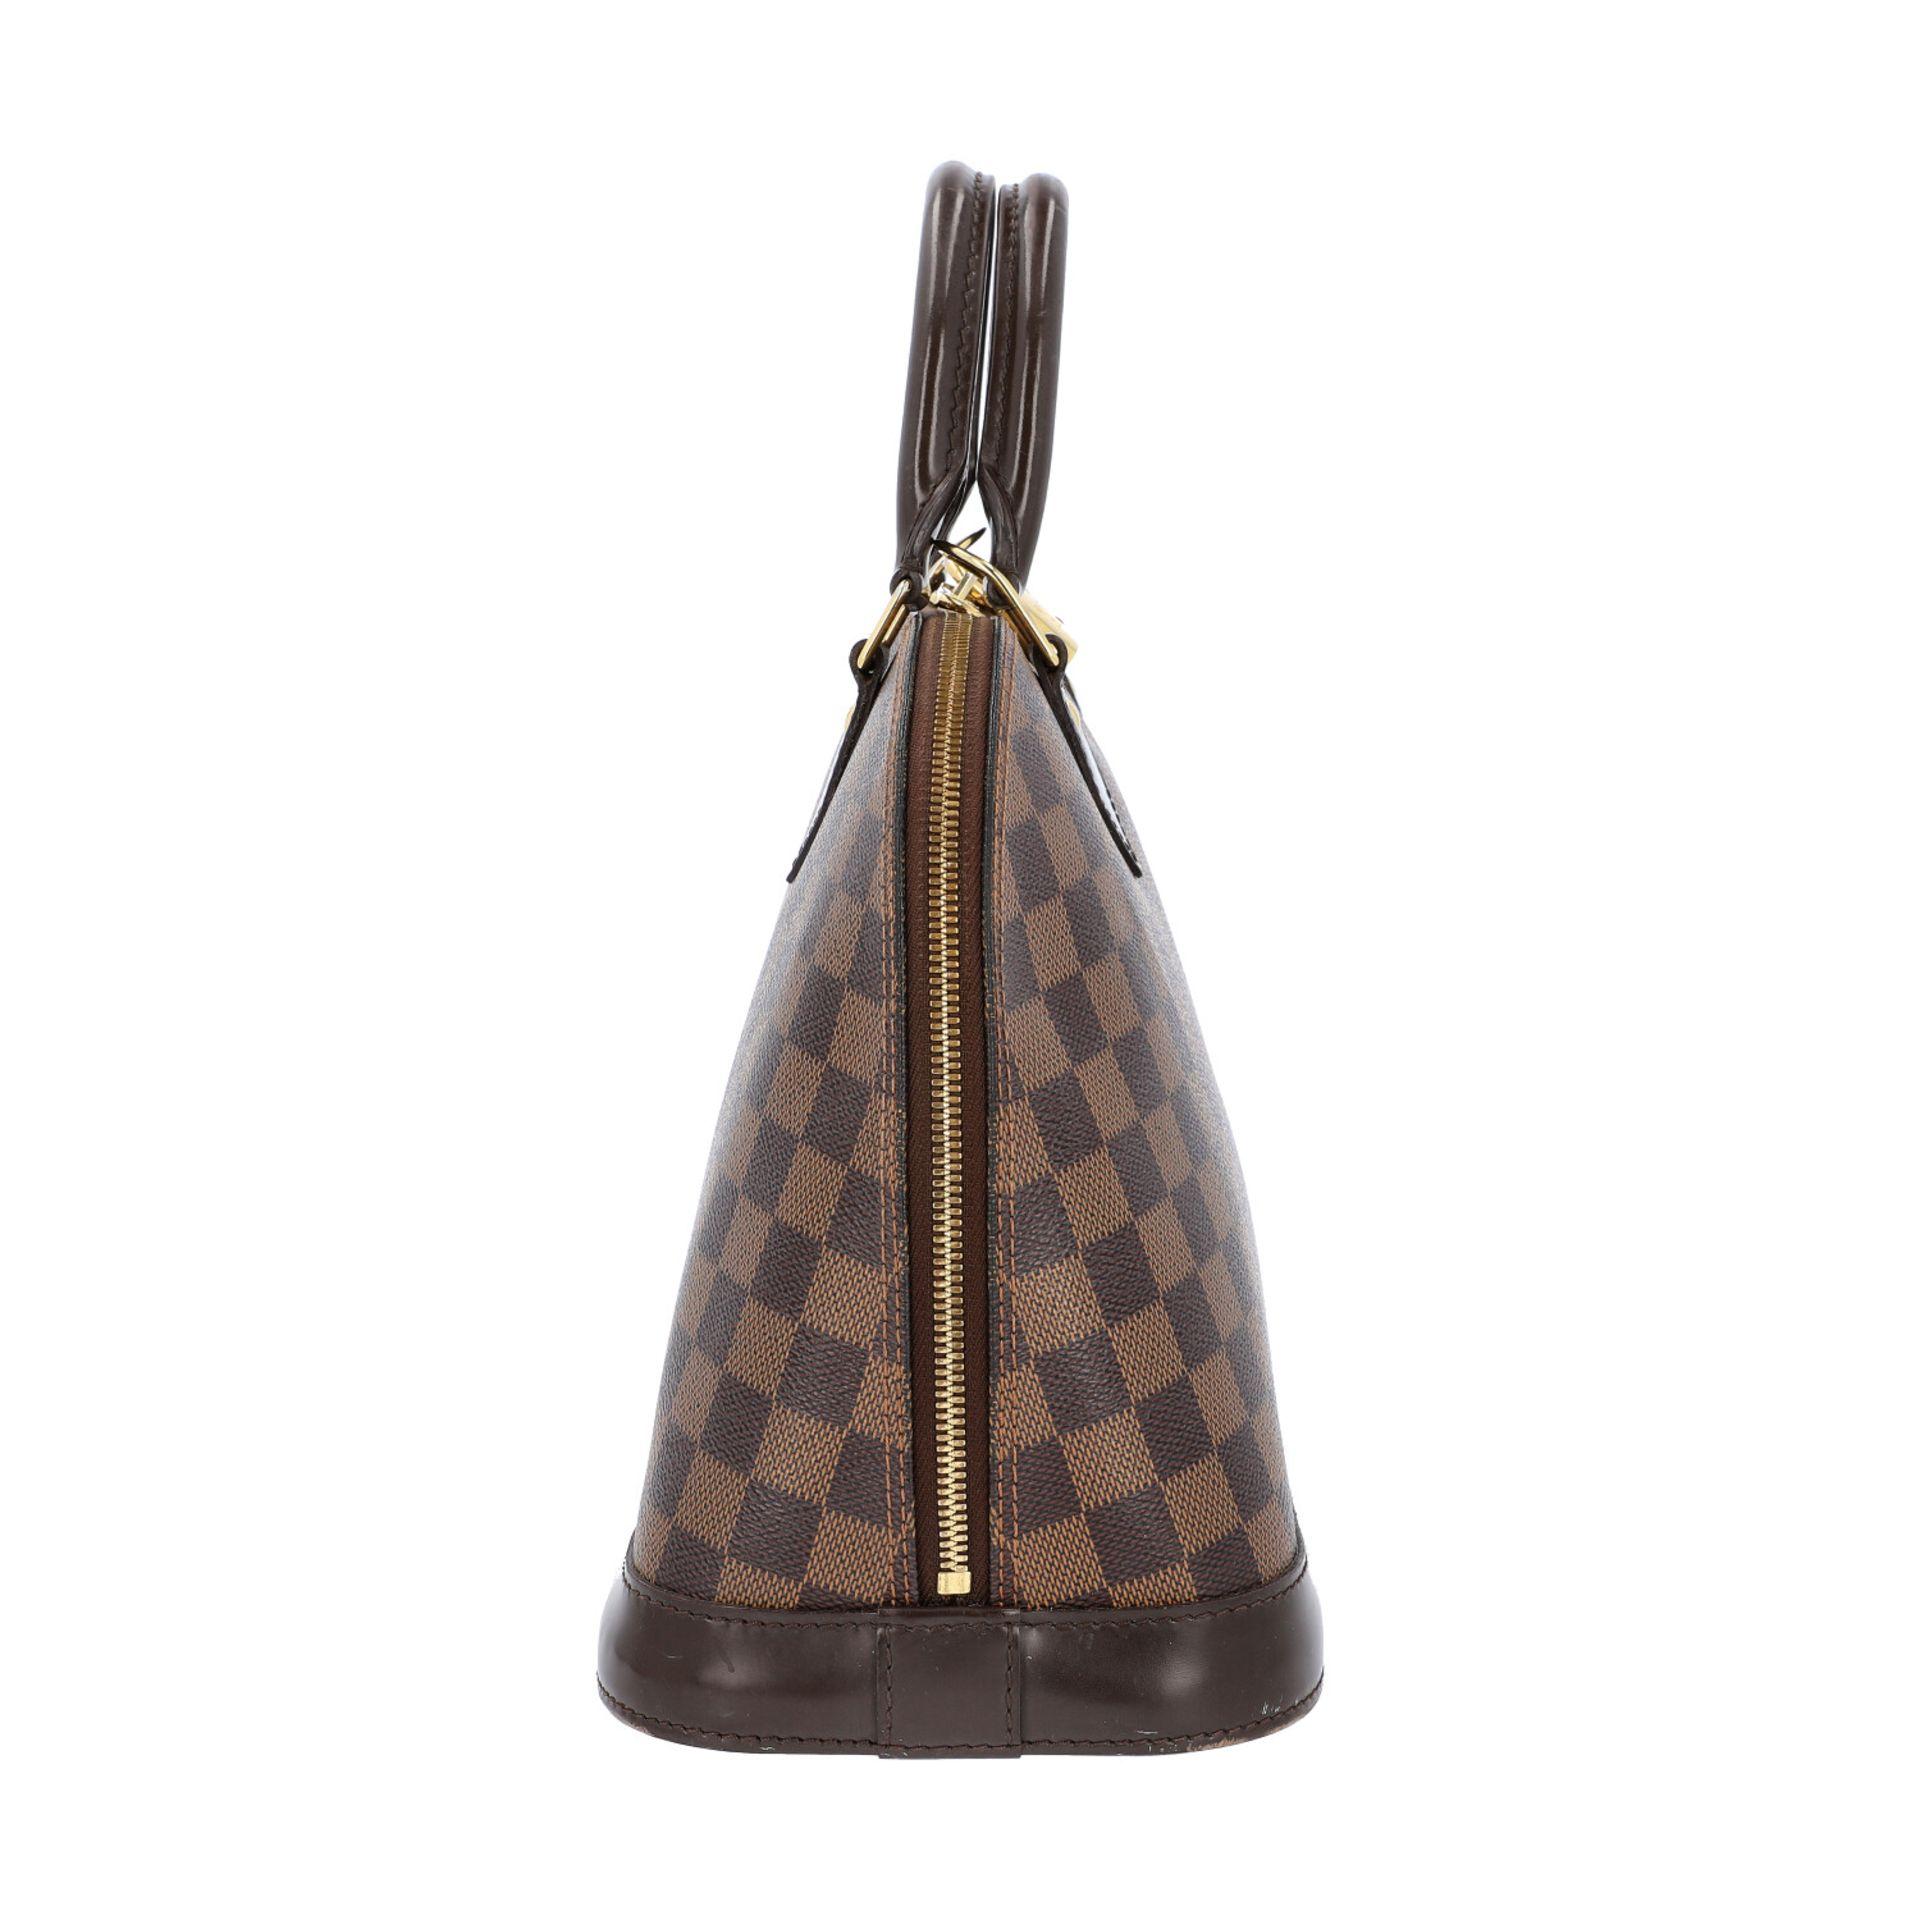 """LOUIS VUITTON Handtasche """"ALMA PM"""", Koll. 2010.Akt. NP.: 1.250,-€. Damier Ebene Serie mit - Bild 3 aus 8"""